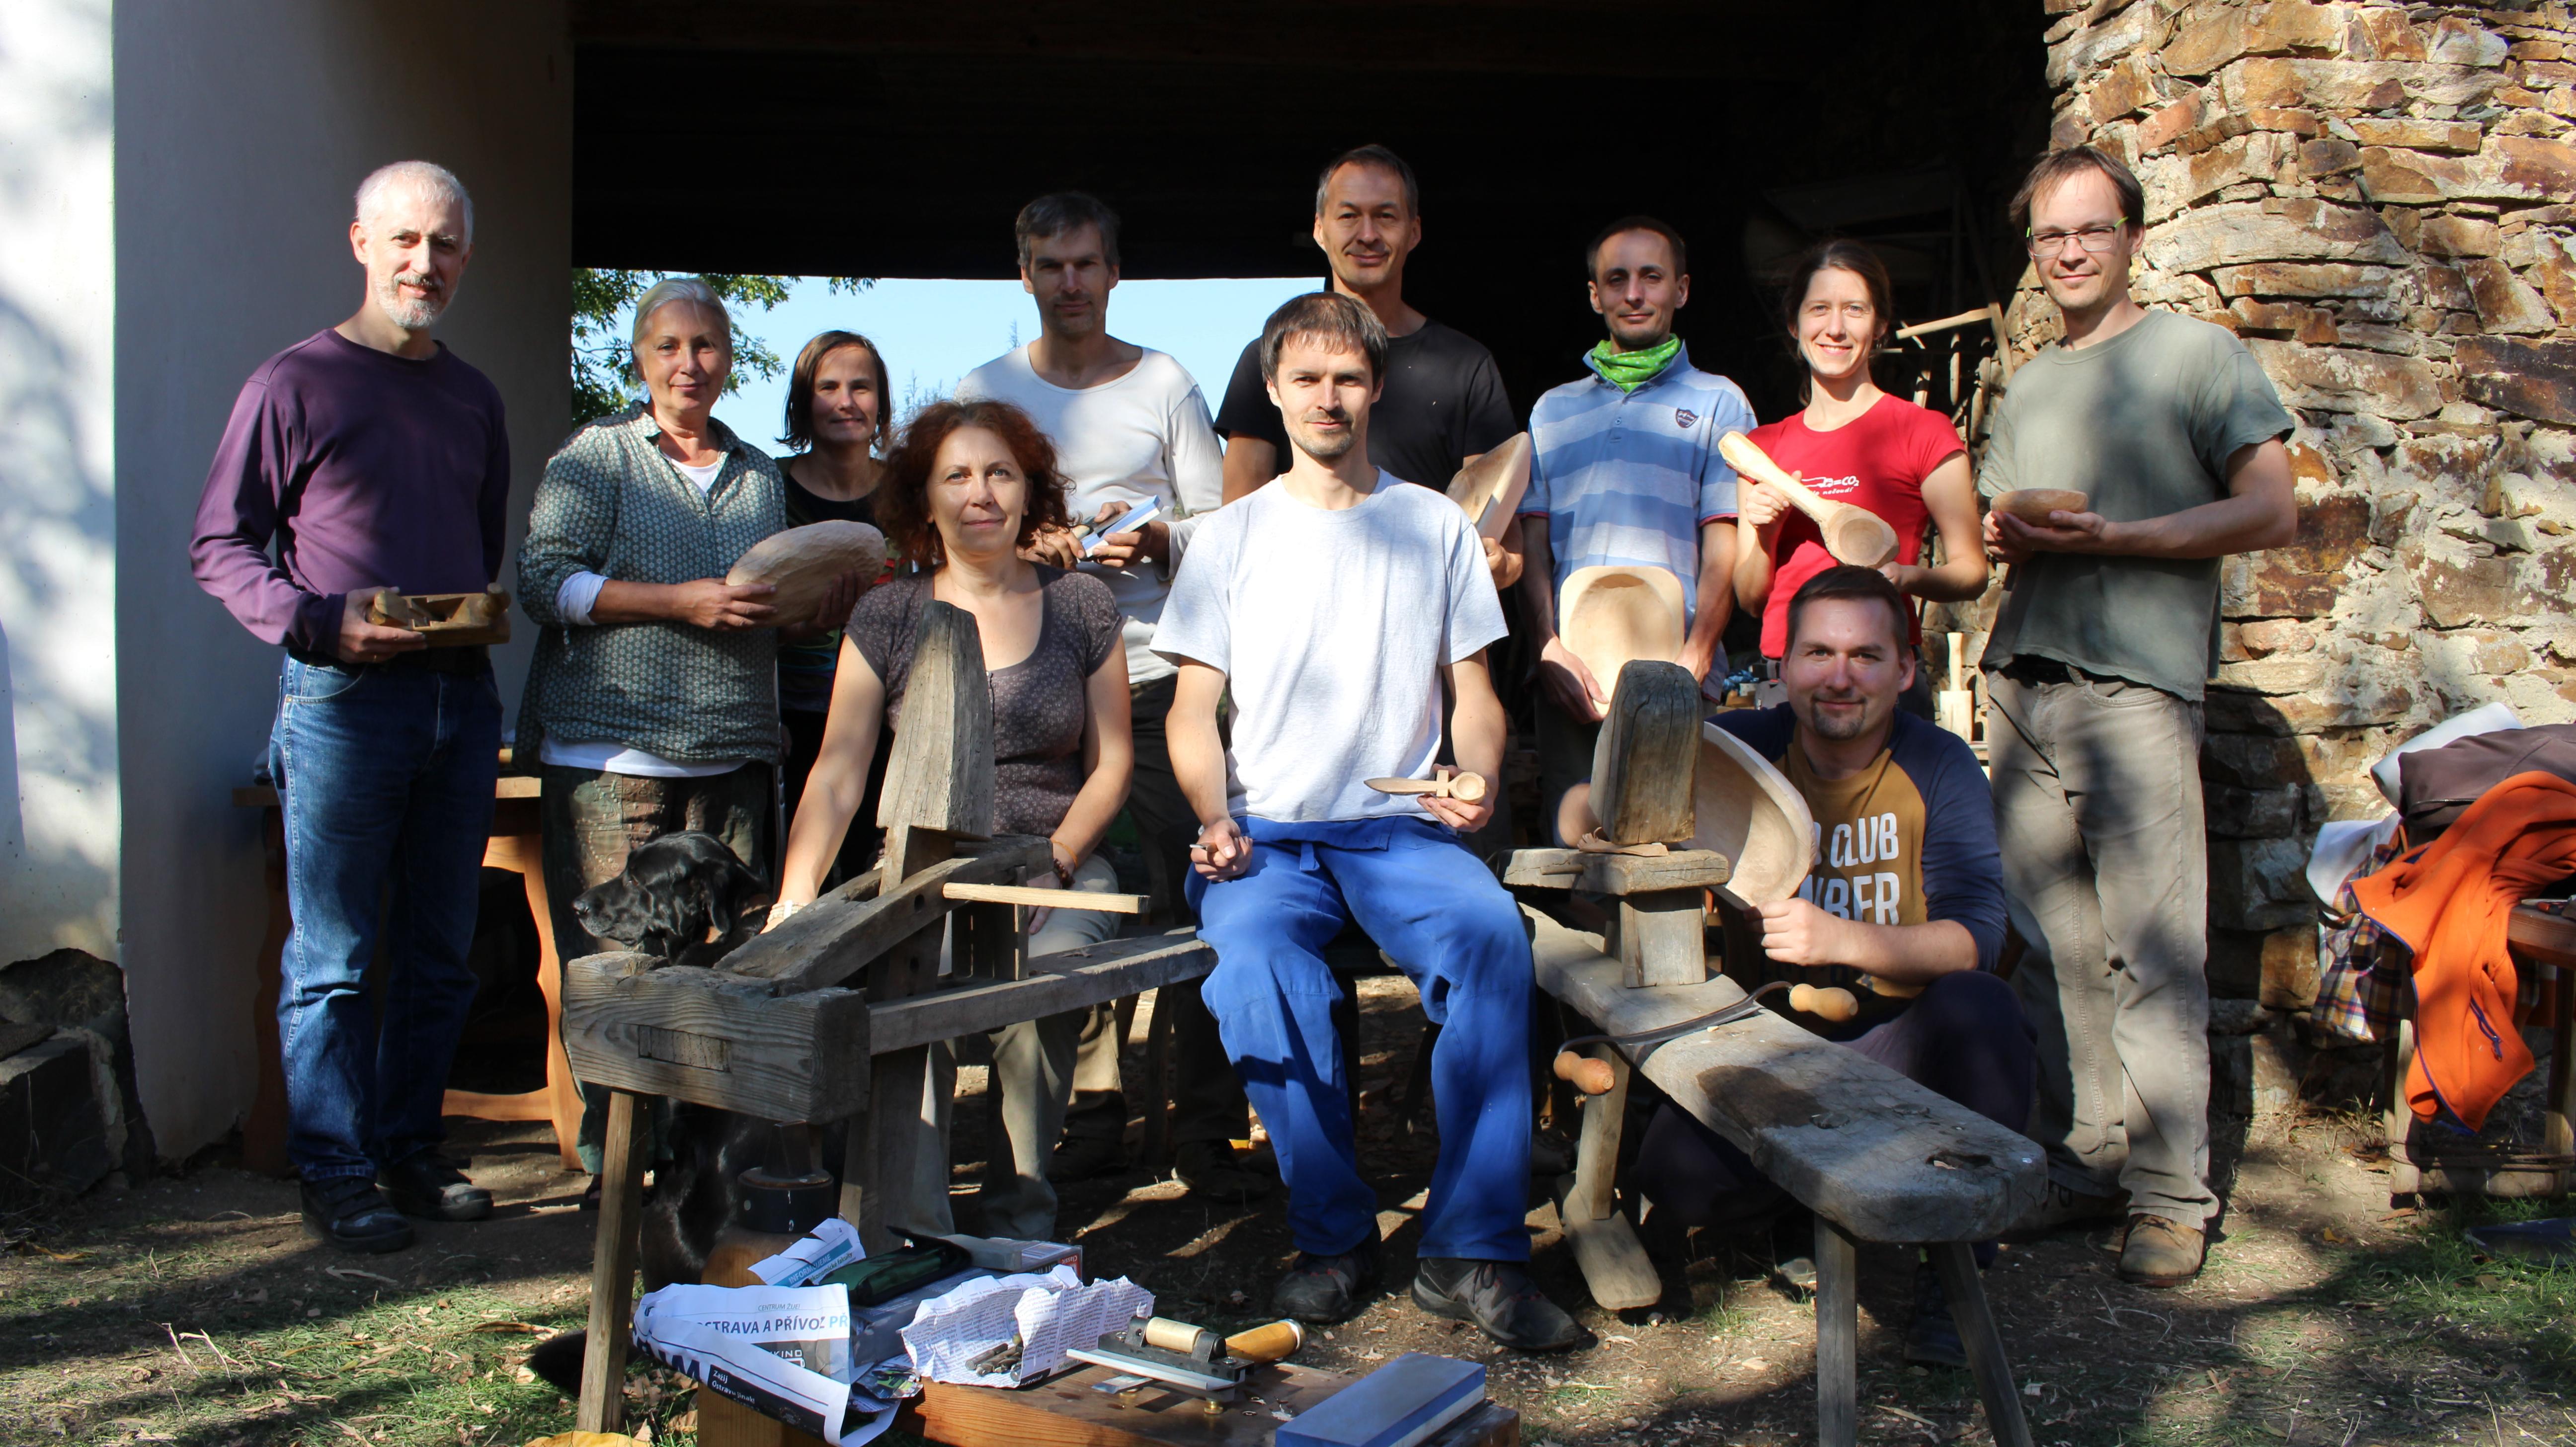 Kurz broušení nástrojů a vyřezávání ze dřeva